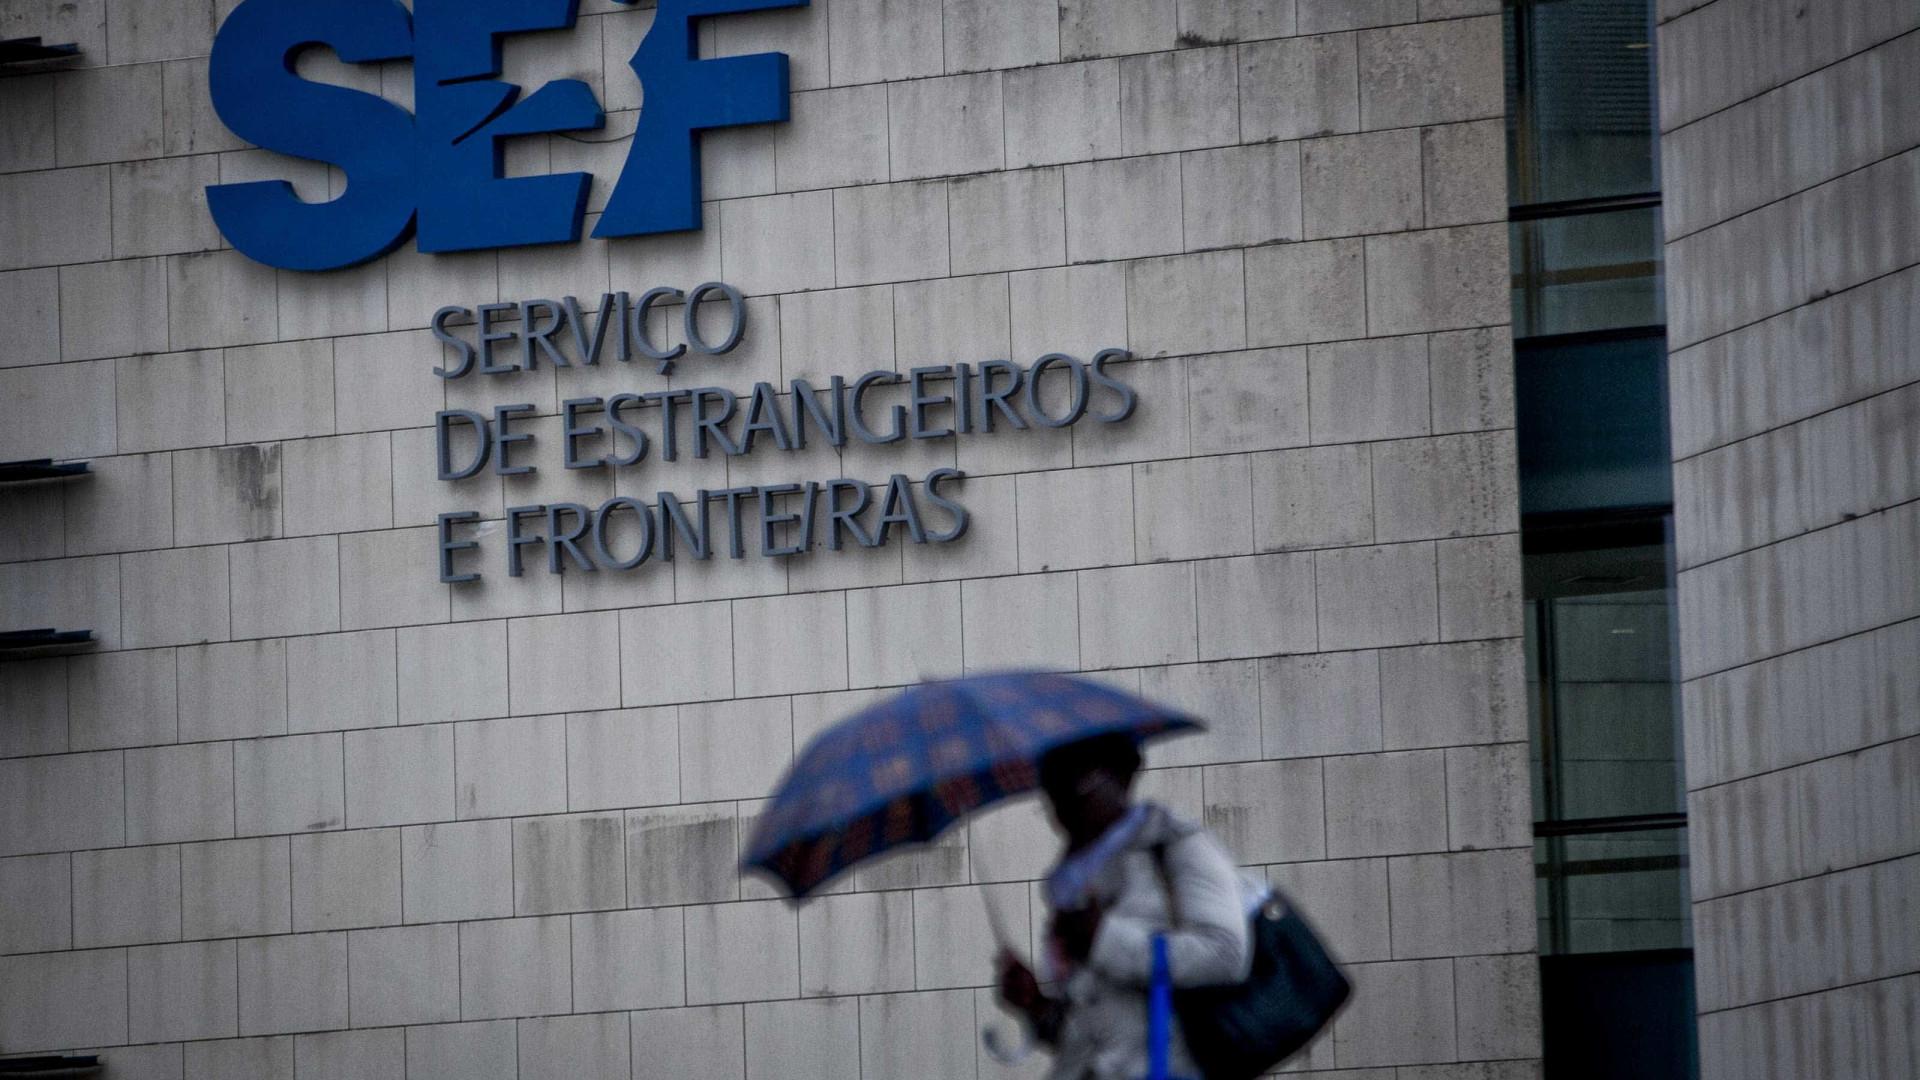 Cidadão estrangeiro detido no aeroporto de Faro aguarda extradição